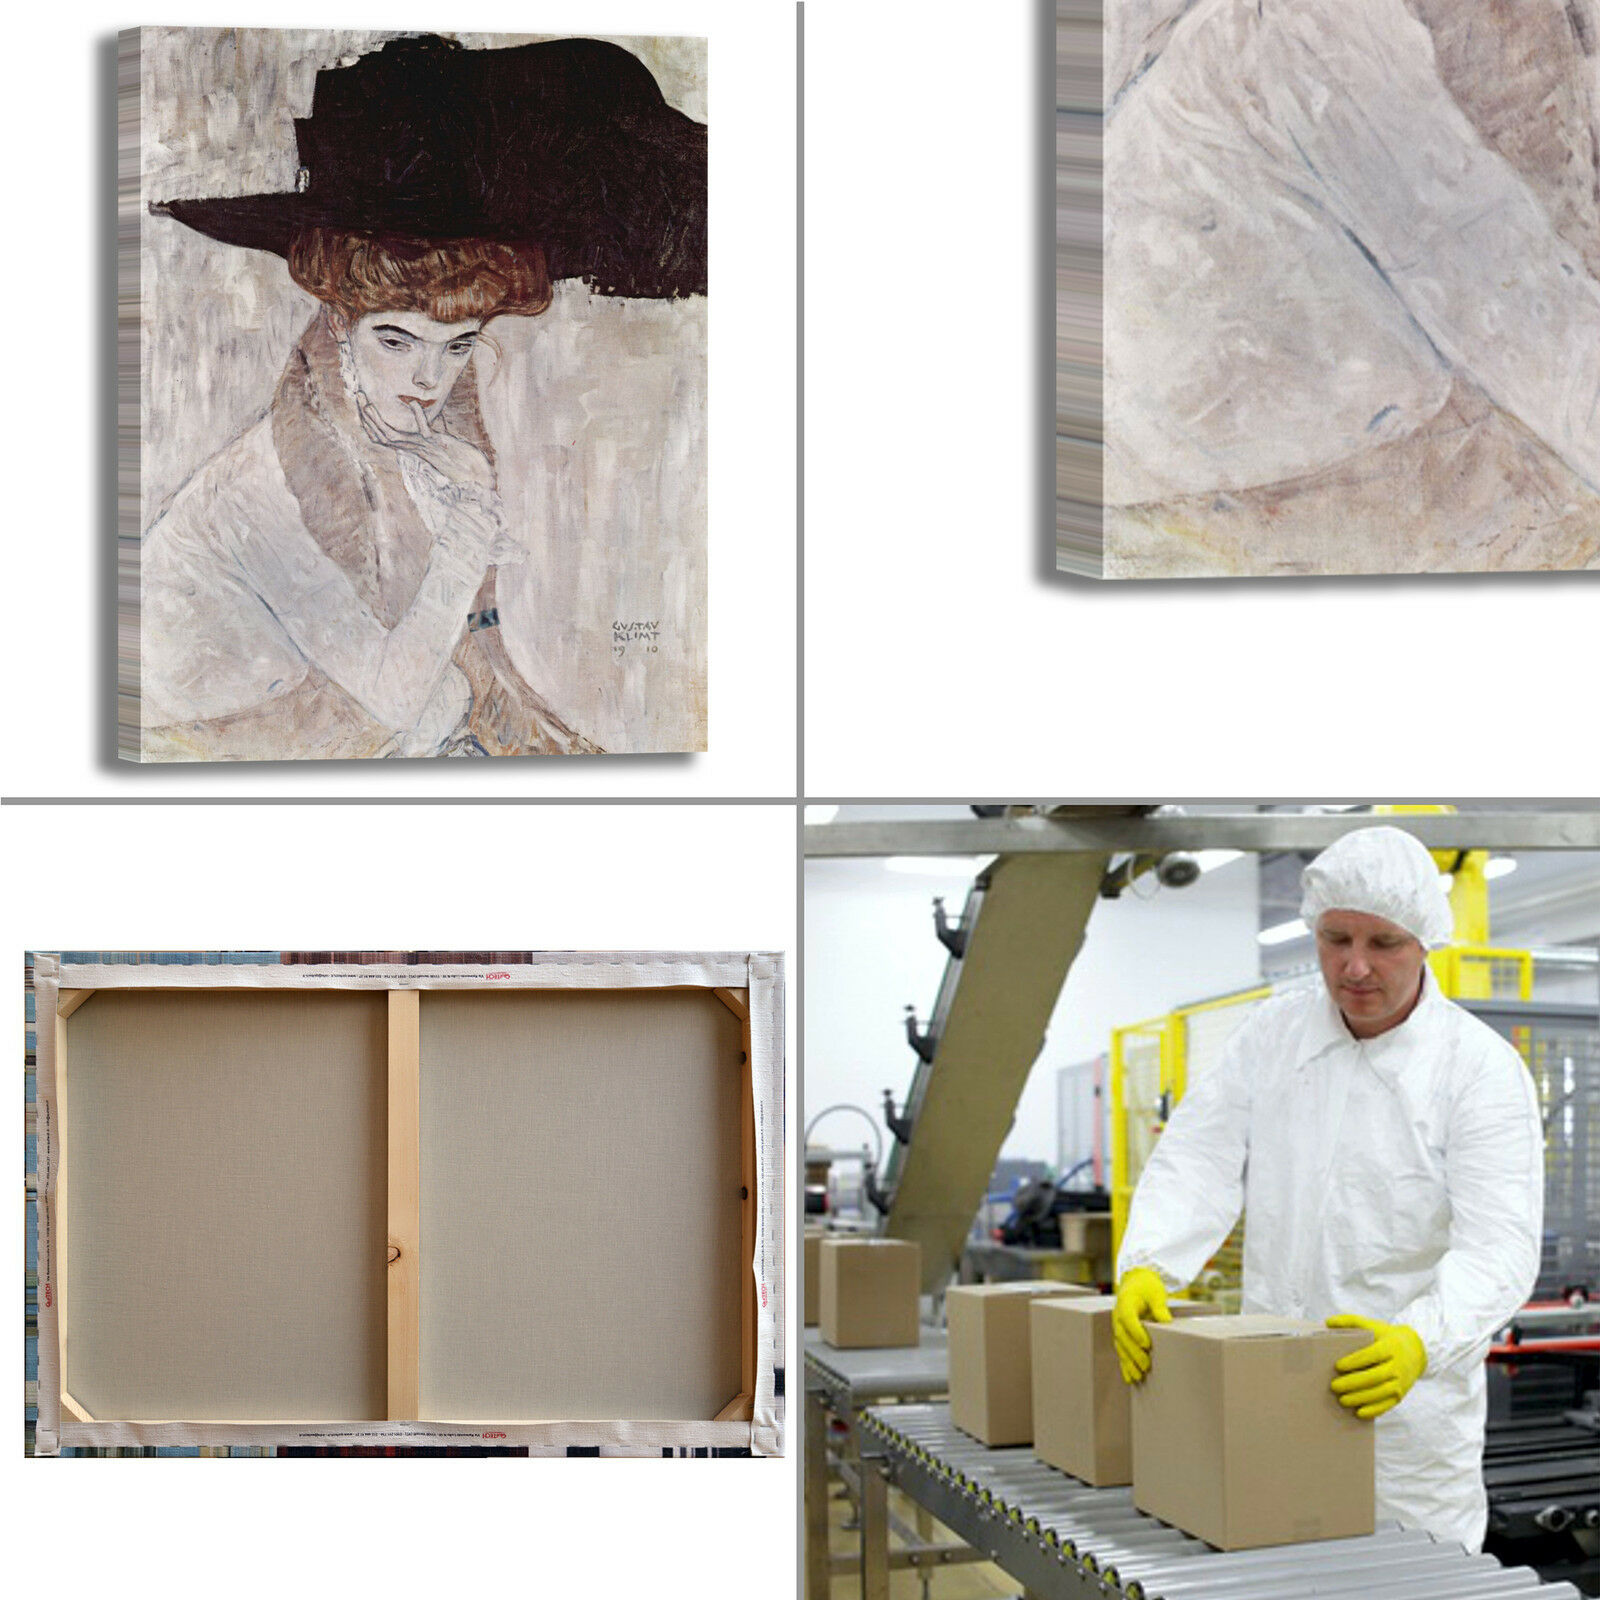 Gustav Klimt il cappello nero quadro quadro nero stampa tela dipinto telaio arRouge o casa f647da